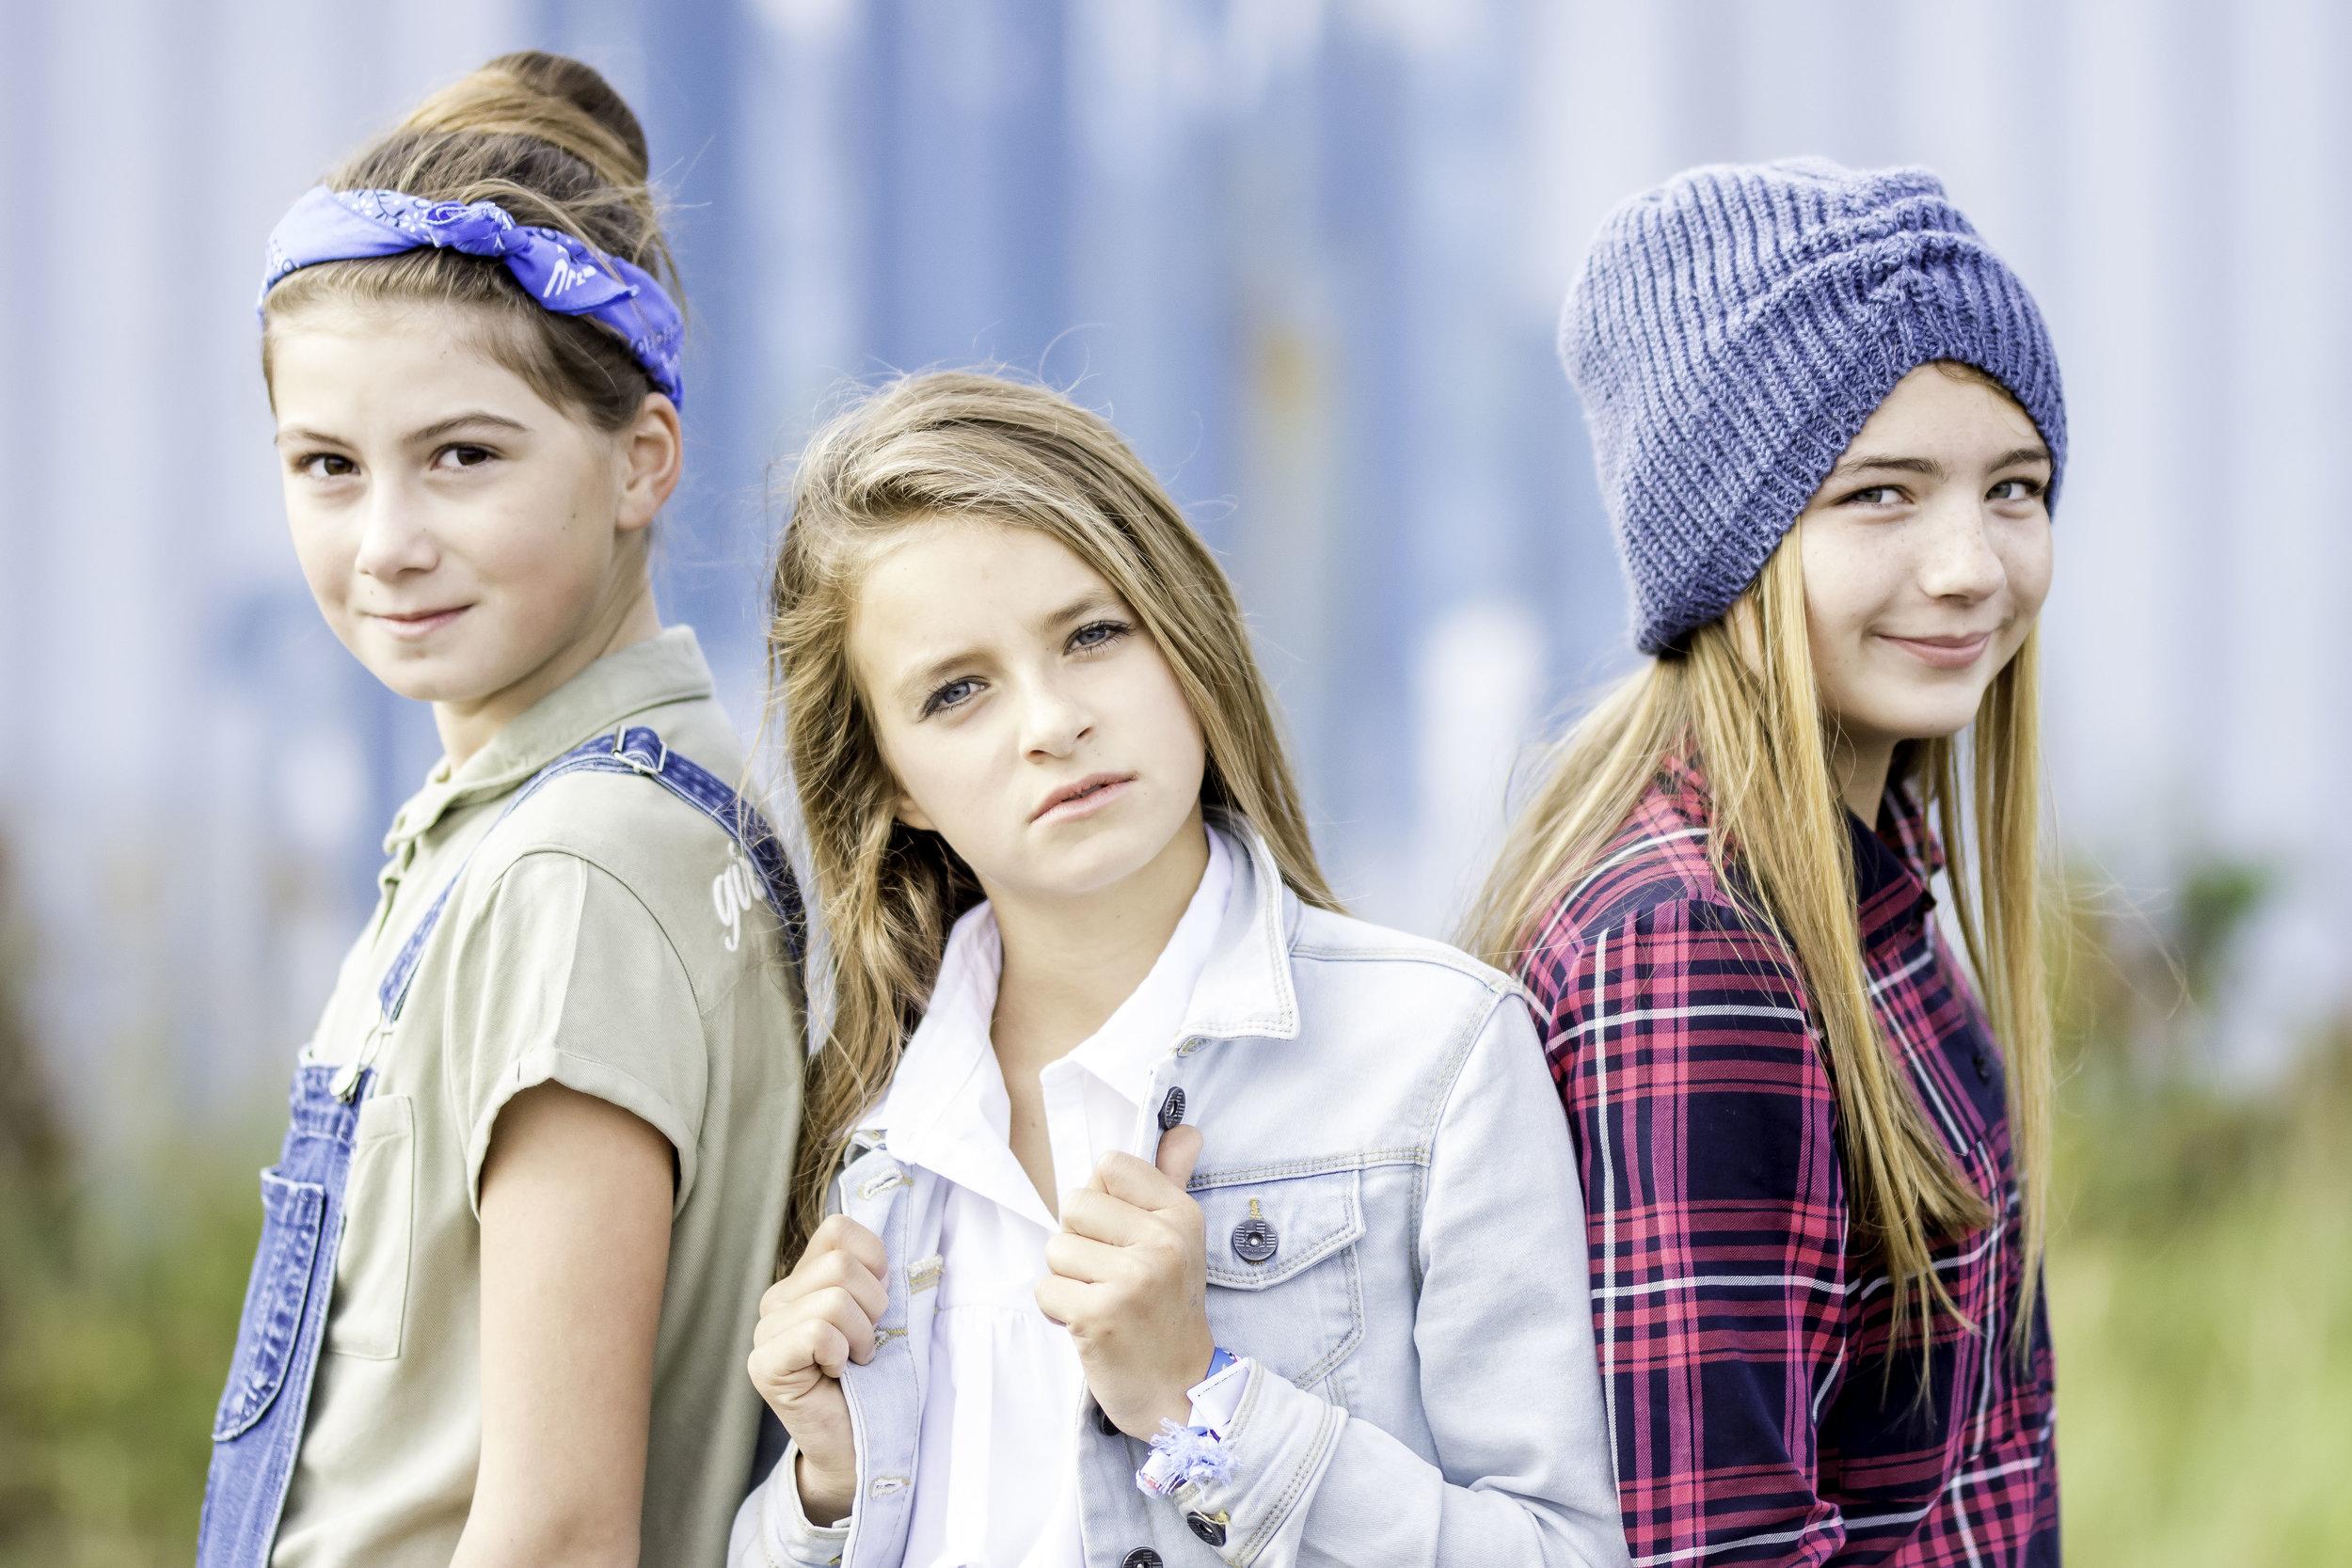 viewfinder-creativeboody-fotoshoot-origineel-verjaardagsfeestje-tieners-jasmijn-95.jpg